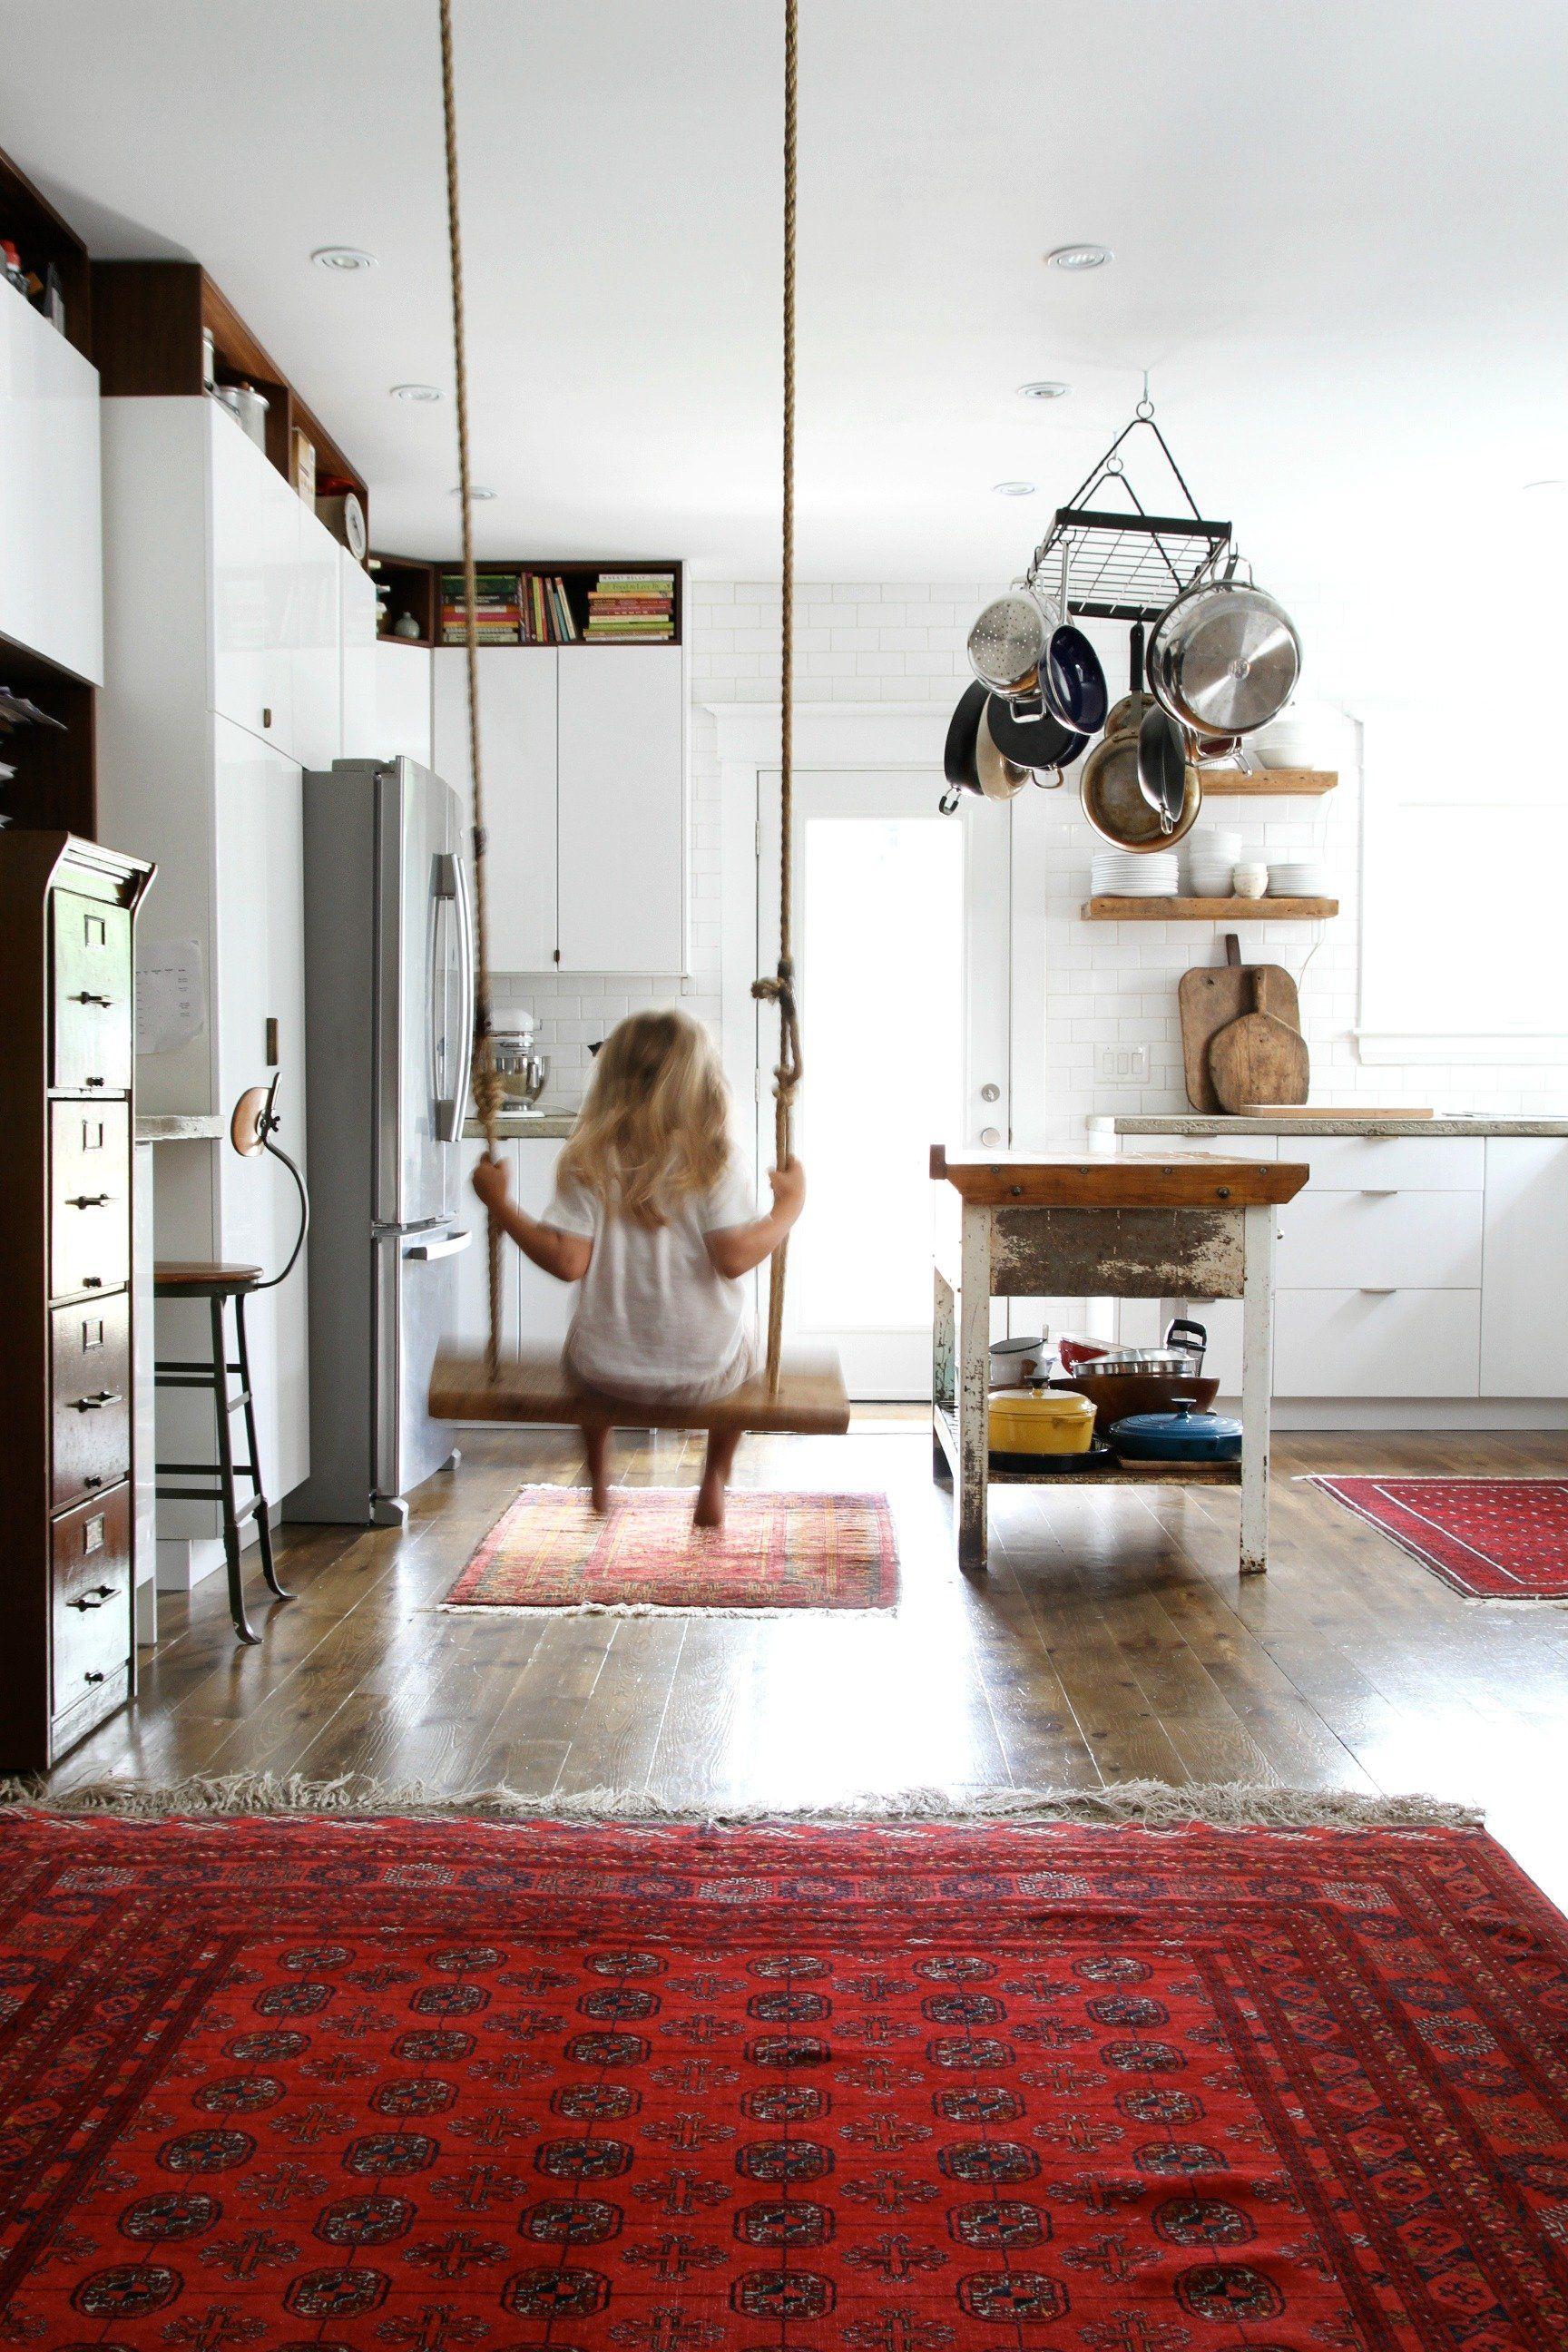 An indoor swing indoor swing ikea kura hack and kura hack